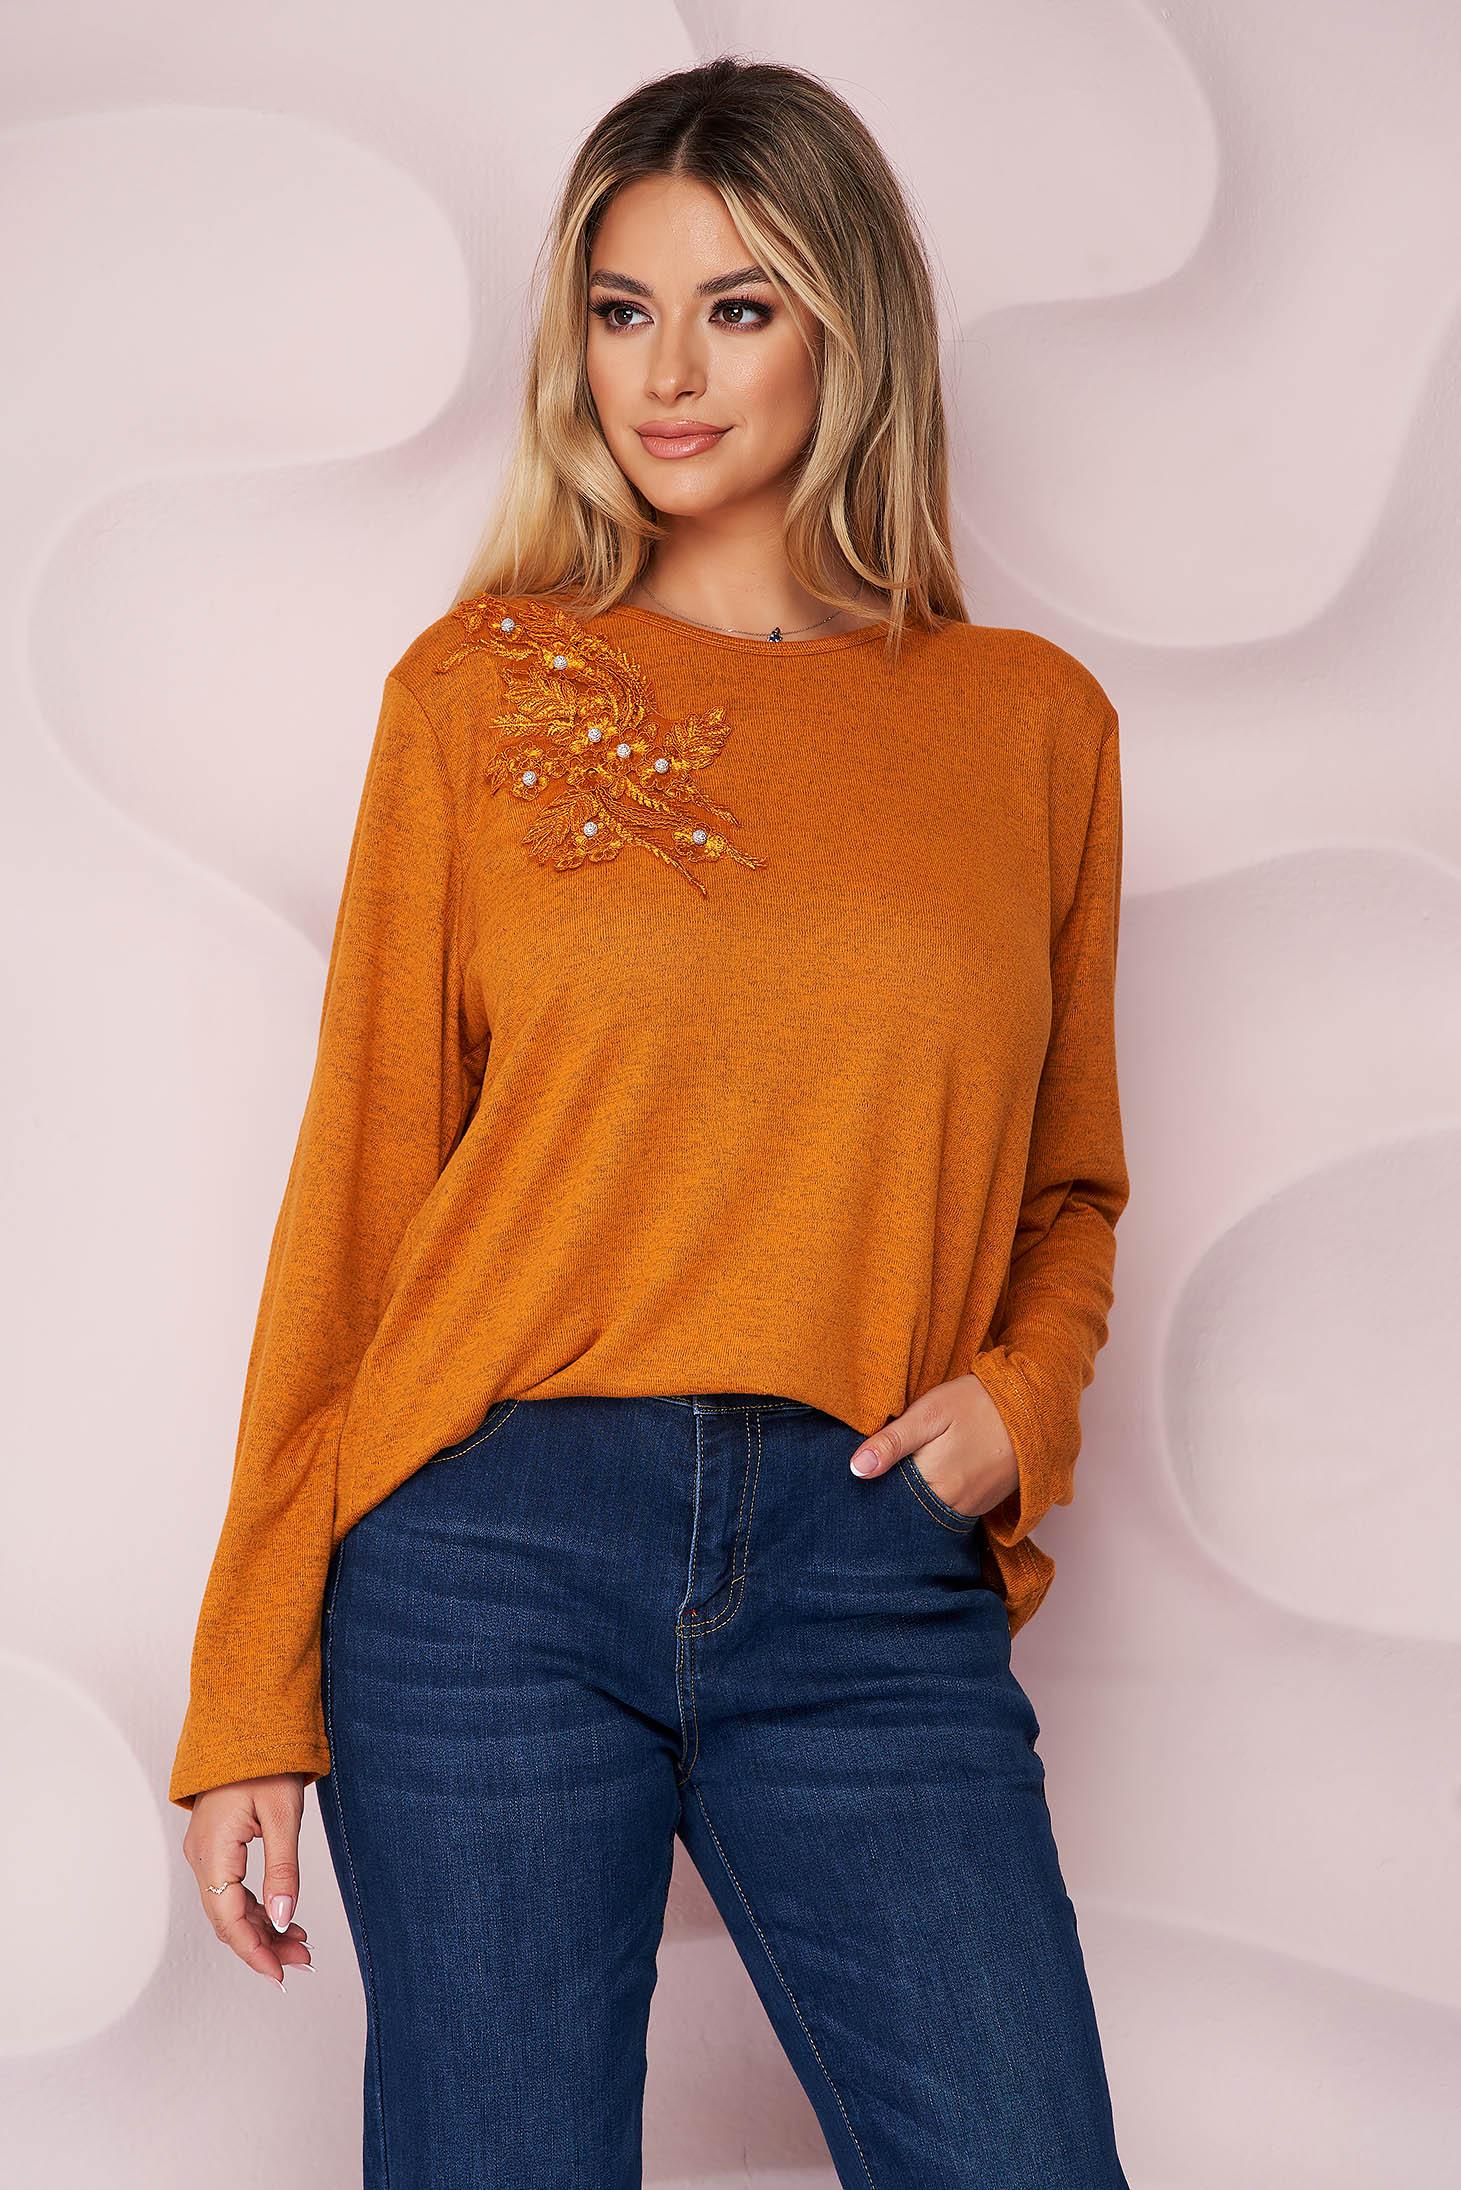 Irodai bő szabású narancssárga női blúz virágos hímzéssel kötött vékony rugalmas anyagból